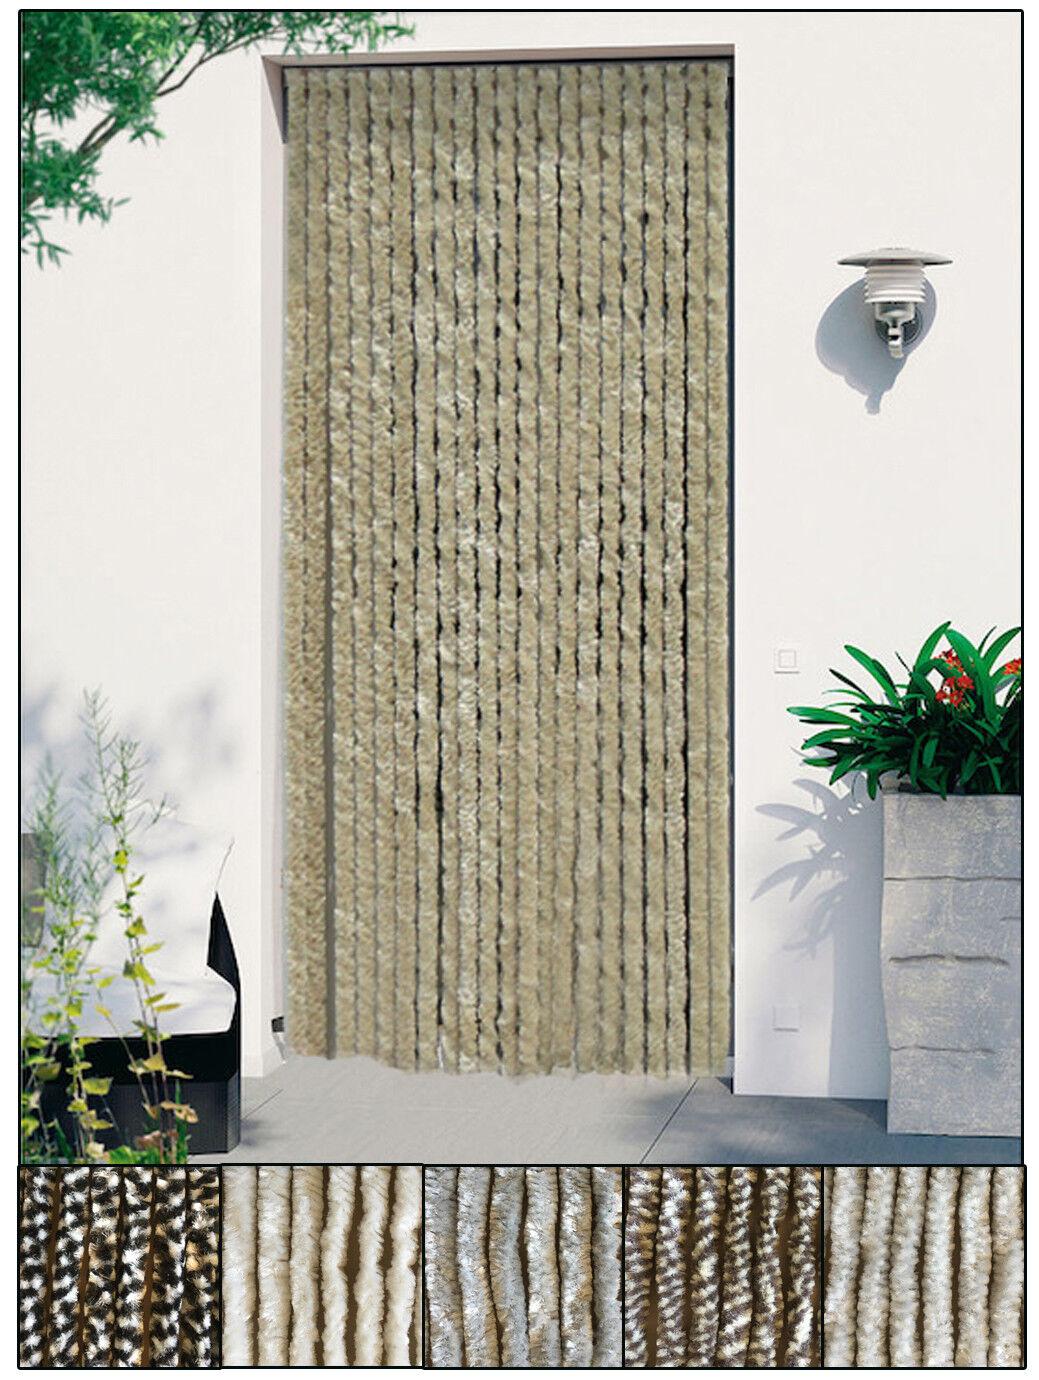 Türvorhang Flauschvorhang Flauschi Chenille Insektenschutz uni-farben Vorhang